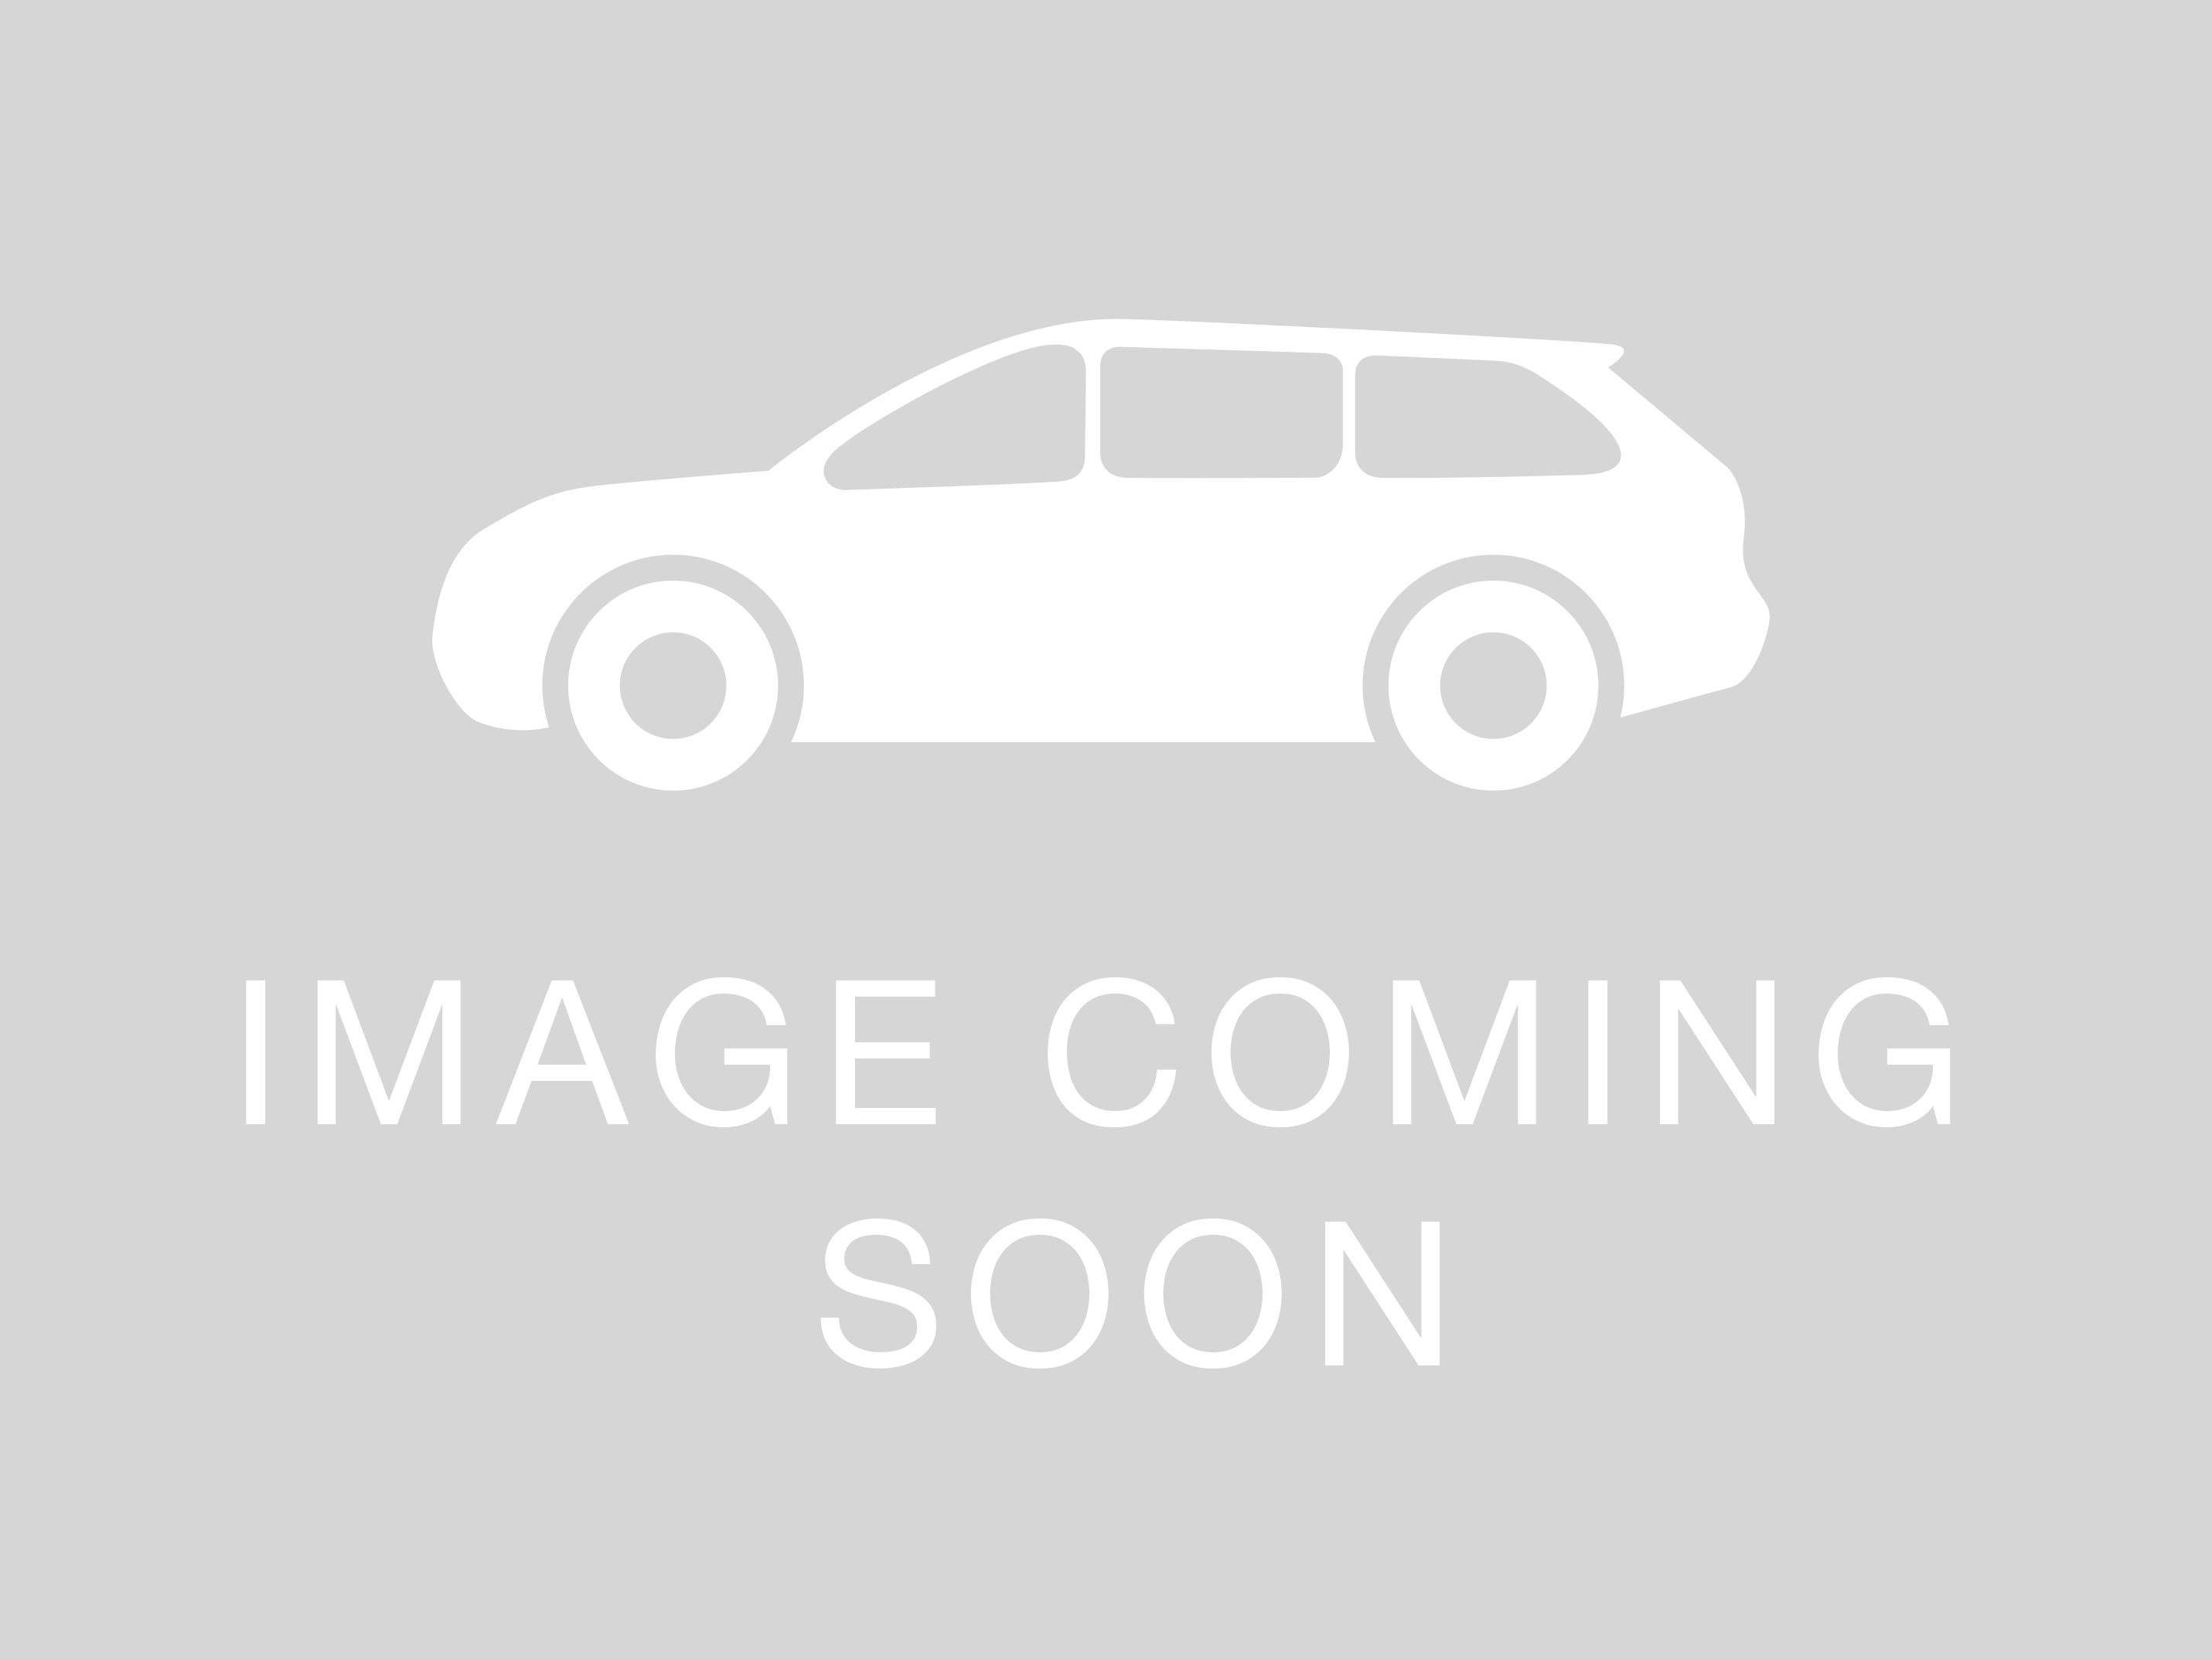 Hyundai santa fe elite 2016